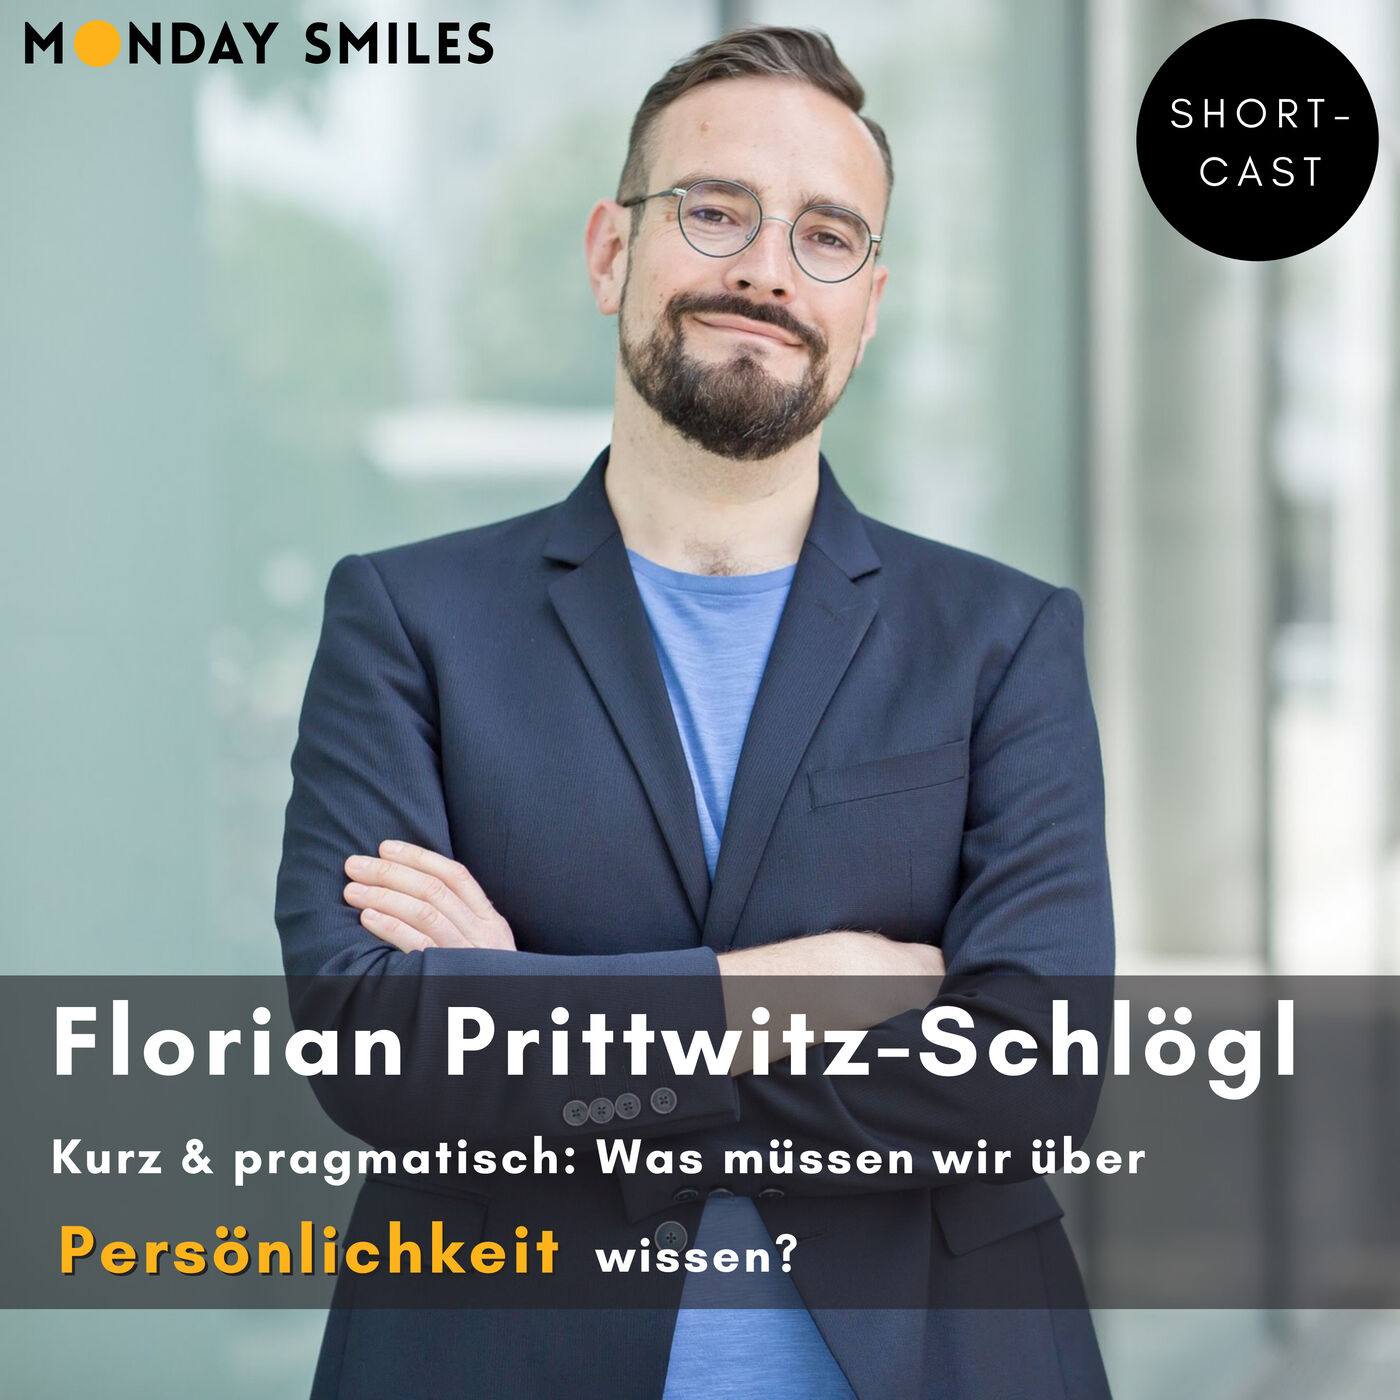 09 - Shortcast: Florian, was müssen wir über Persönlichkeit wissen?